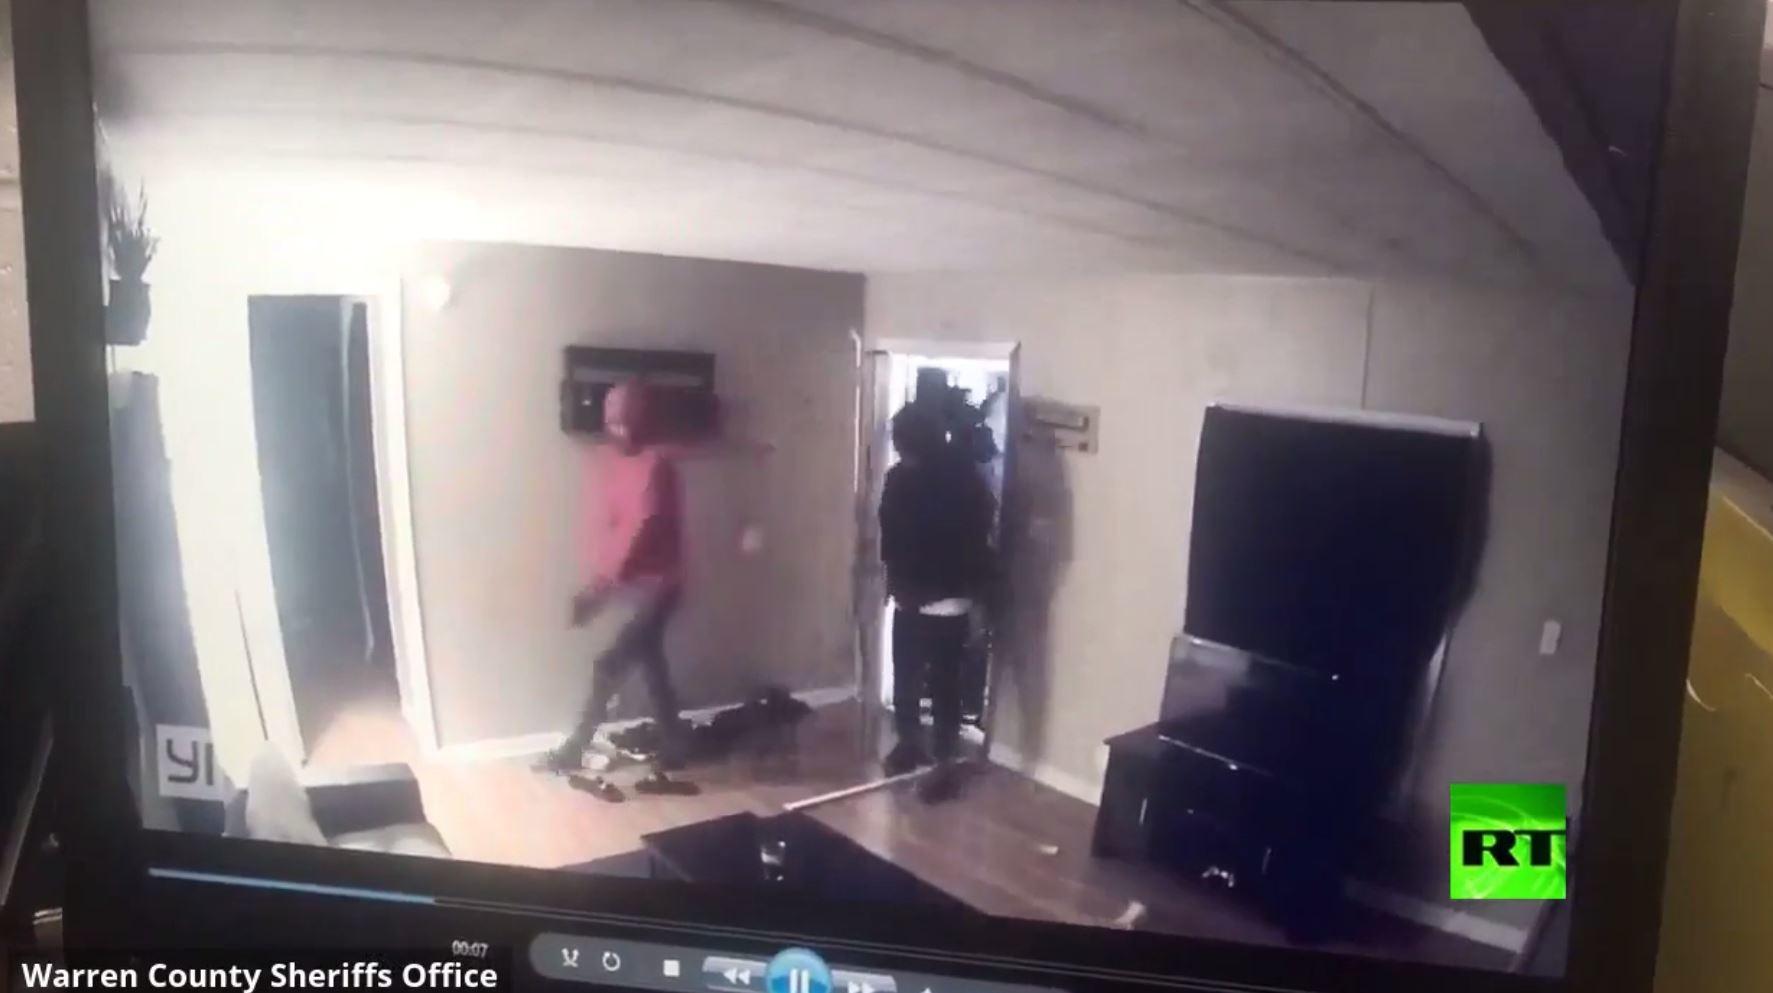 دخلوا لسرقة منزل فكانت المفاجأة بانتظارهم!